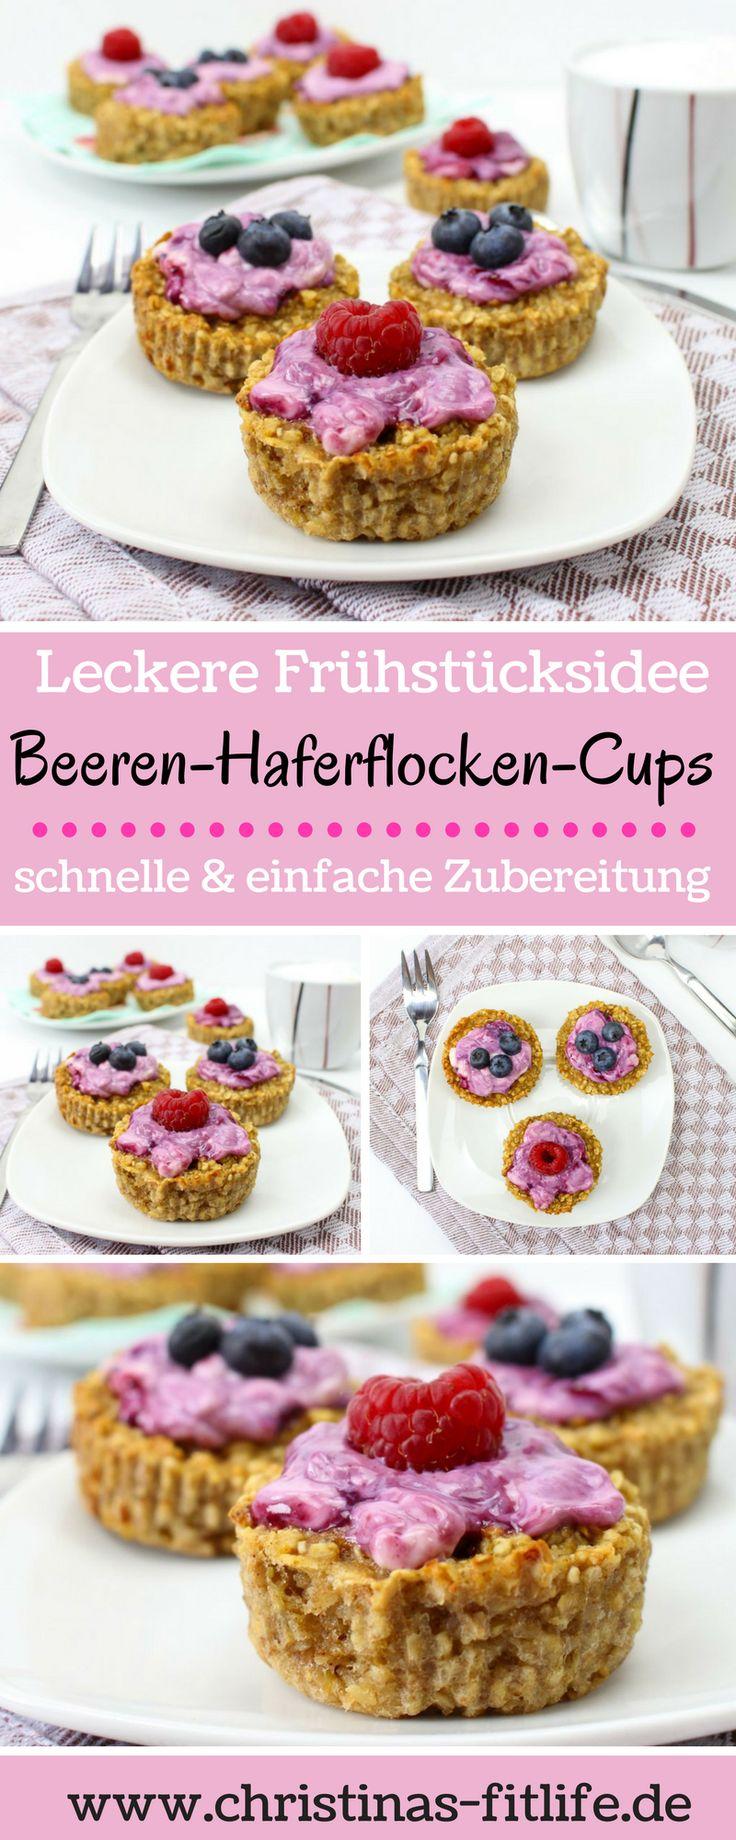 Leckere Frühstücksidee - Beeren-Haferflocken-Cups. Schnelle und einfache Zubereitung, auch in vegan möglich.